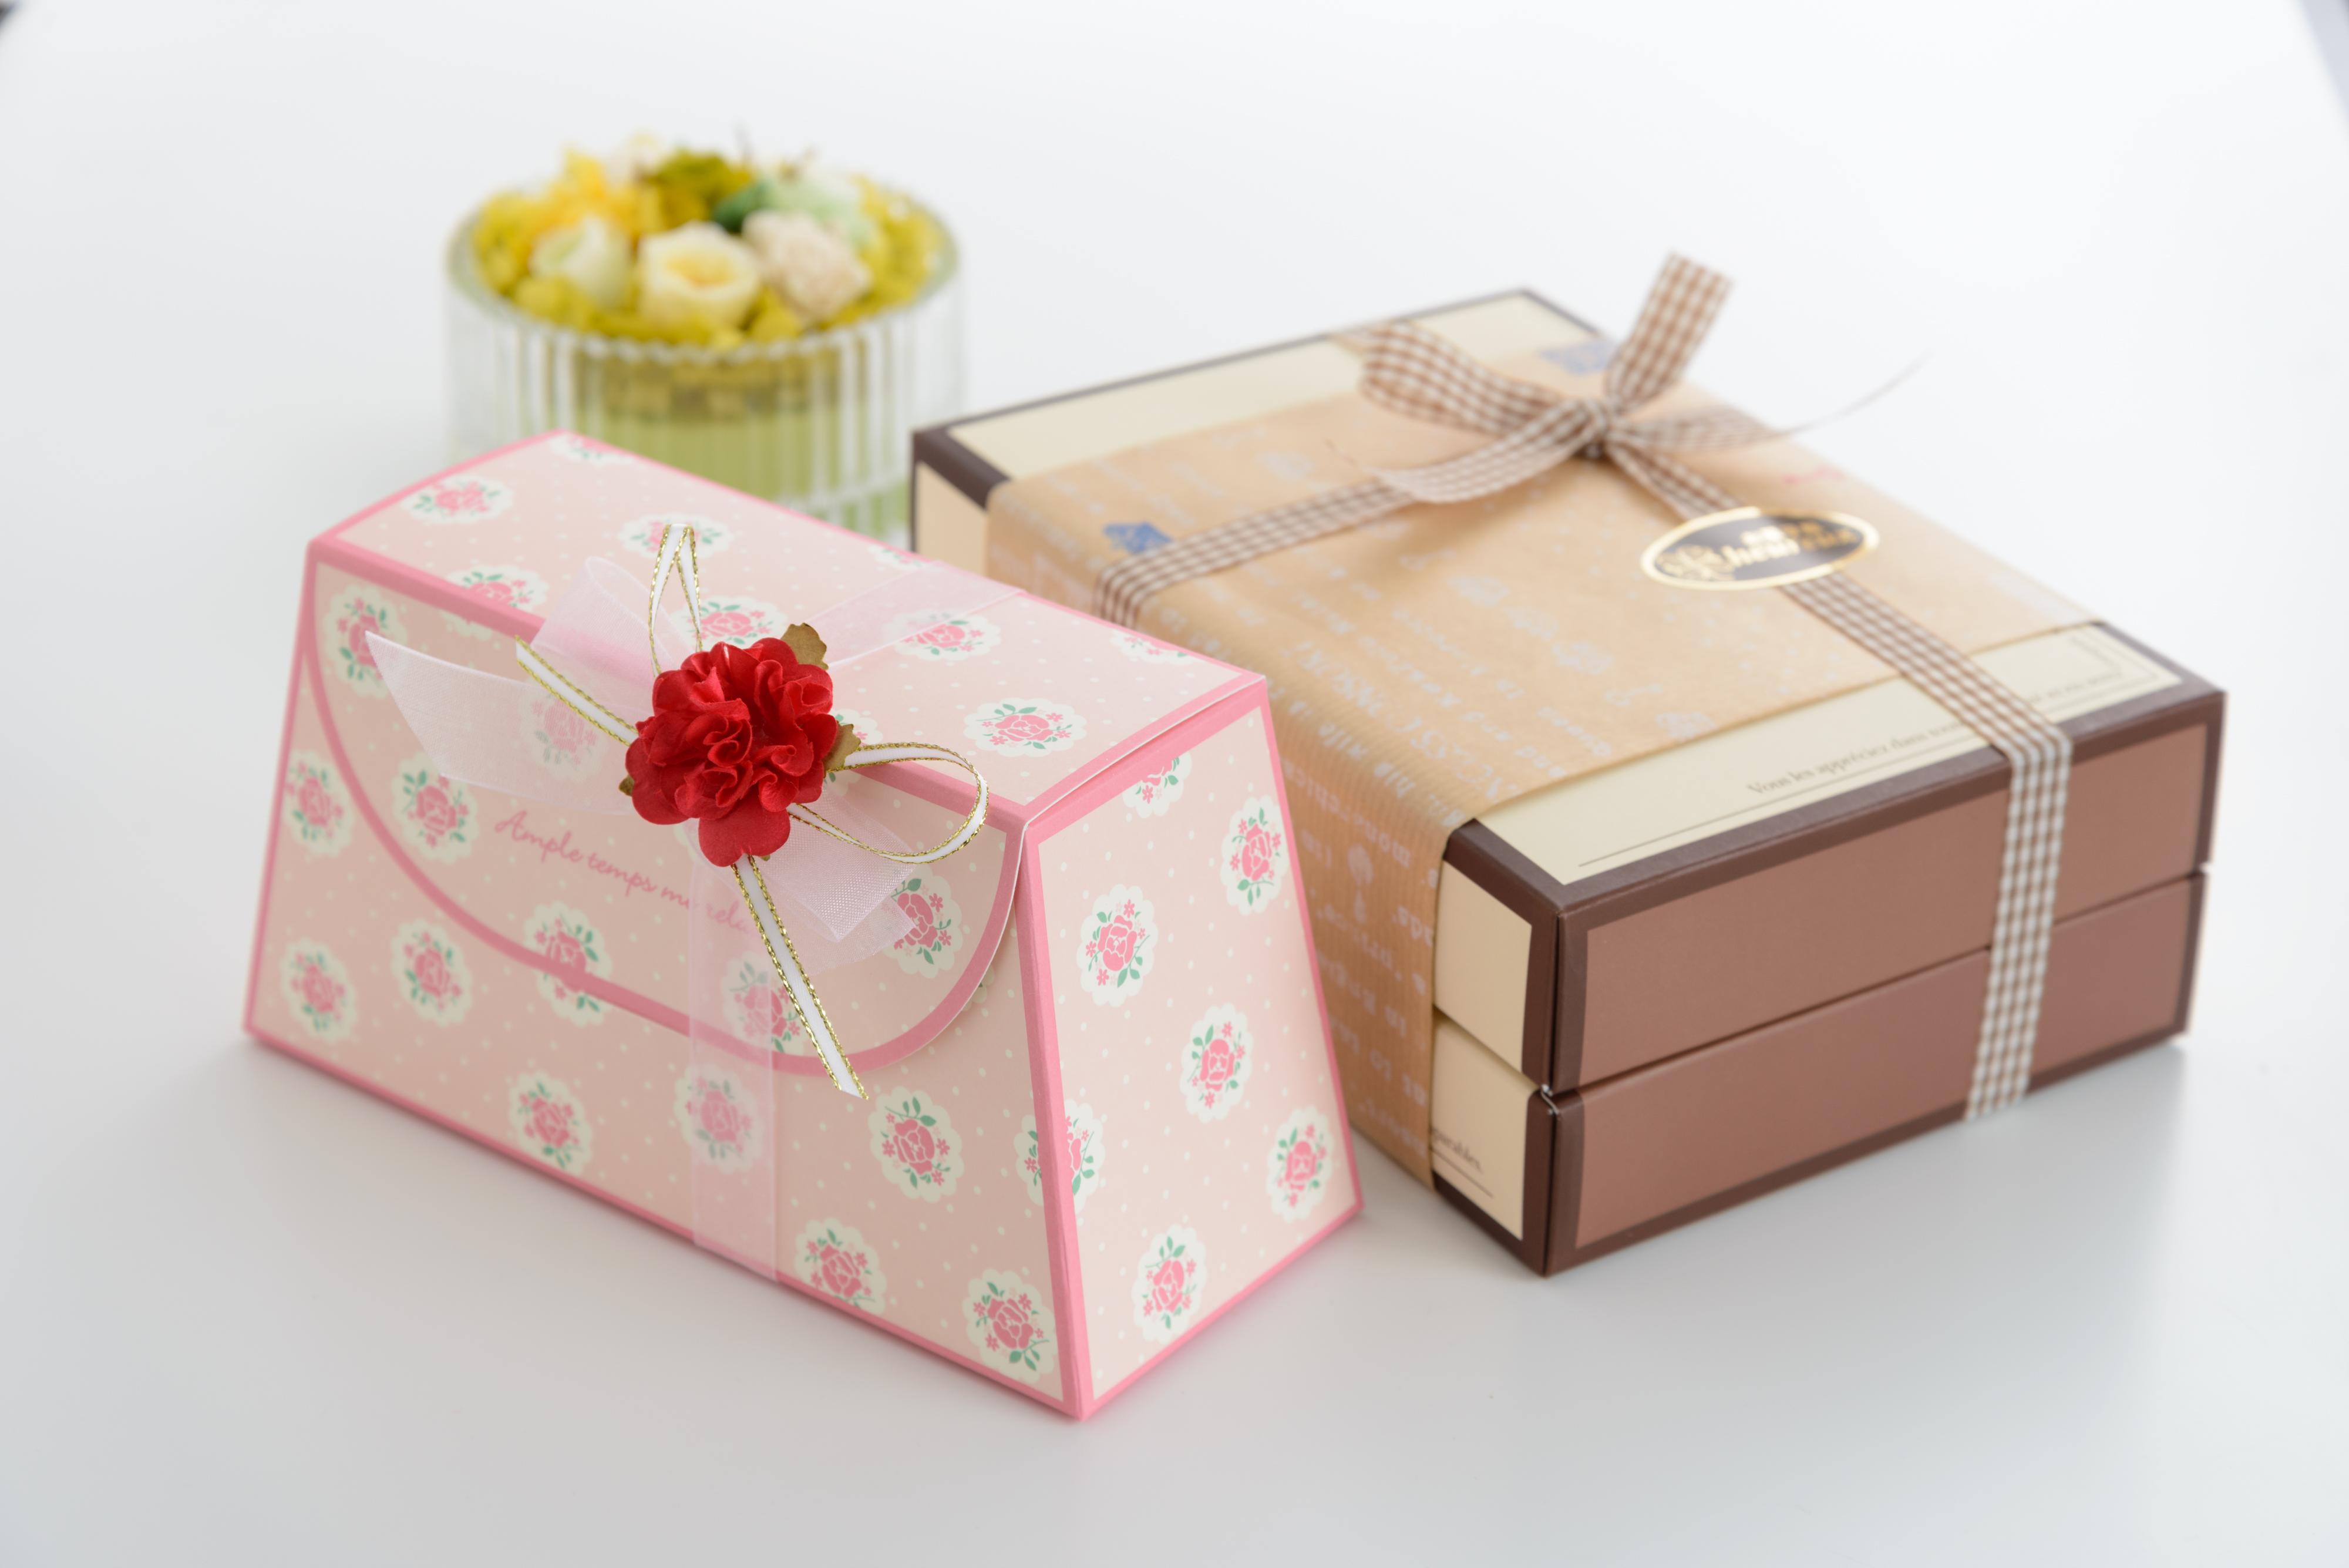 ☆焼き菓子は、お好みで詰め合わせも出来ます☆ なお、地方発送も承ります